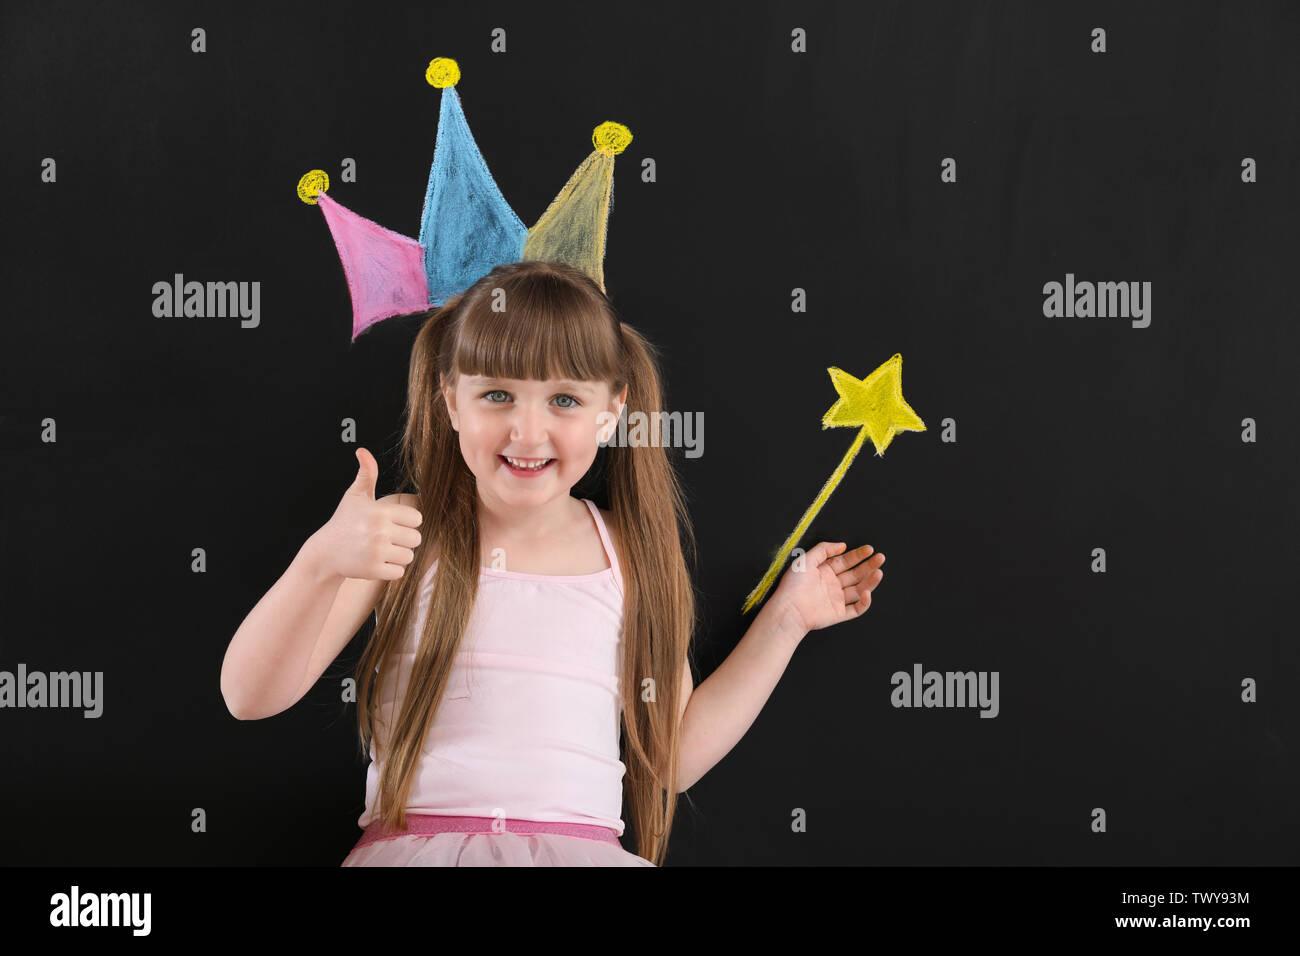 Cute little girl près de mur sombre dessiné avec couronne et baguette magique Photo Stock